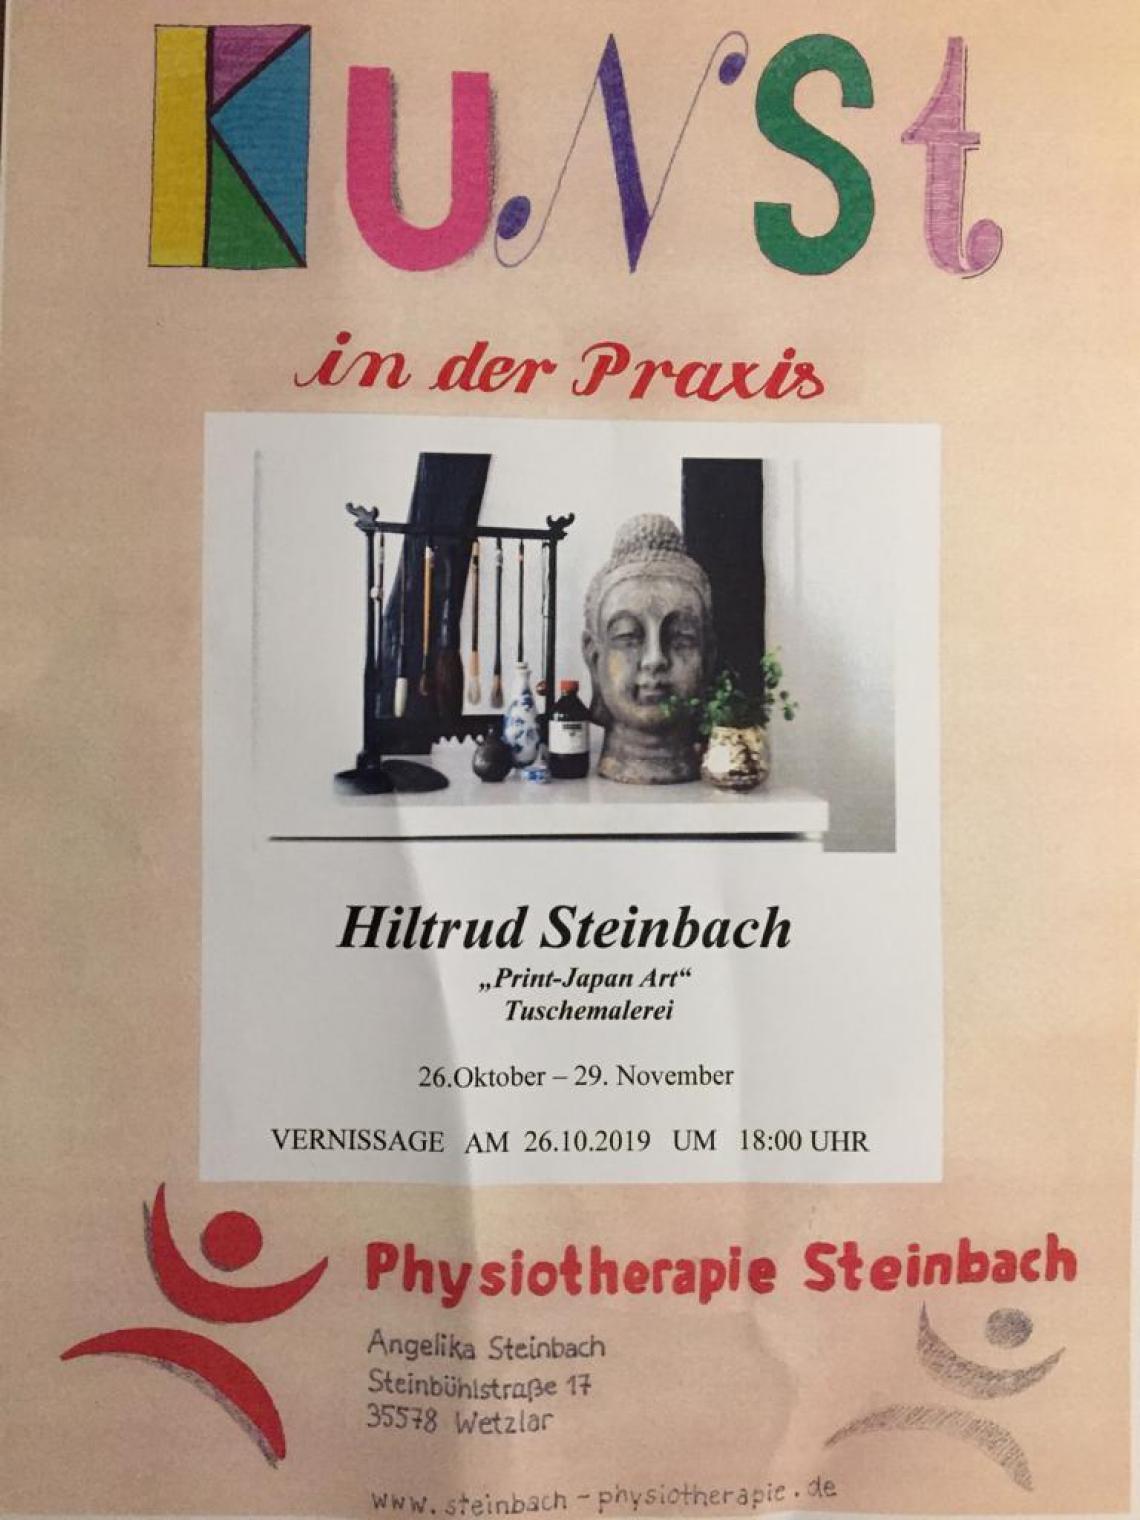 Kunst in der Praxis - Hiltrud Steinbach